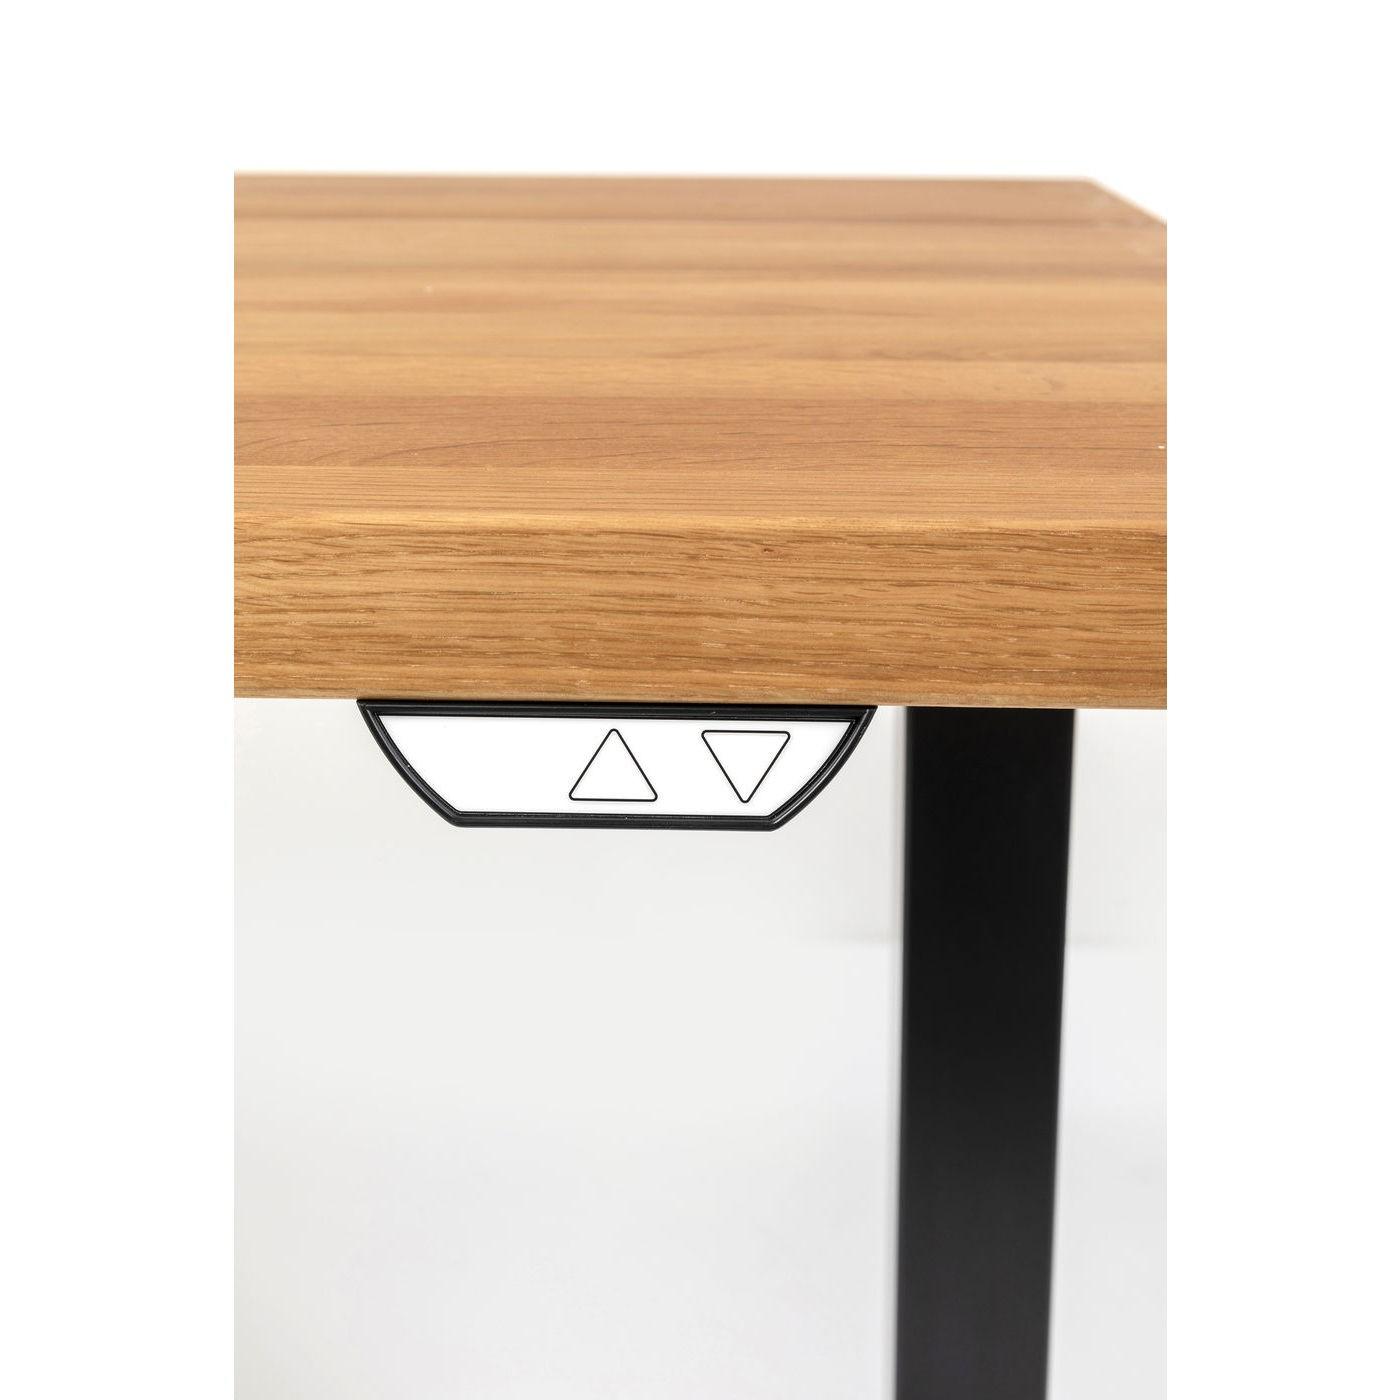 Bureau Smart Jackie chêne et noir Kare Design Taille - 160x80cm